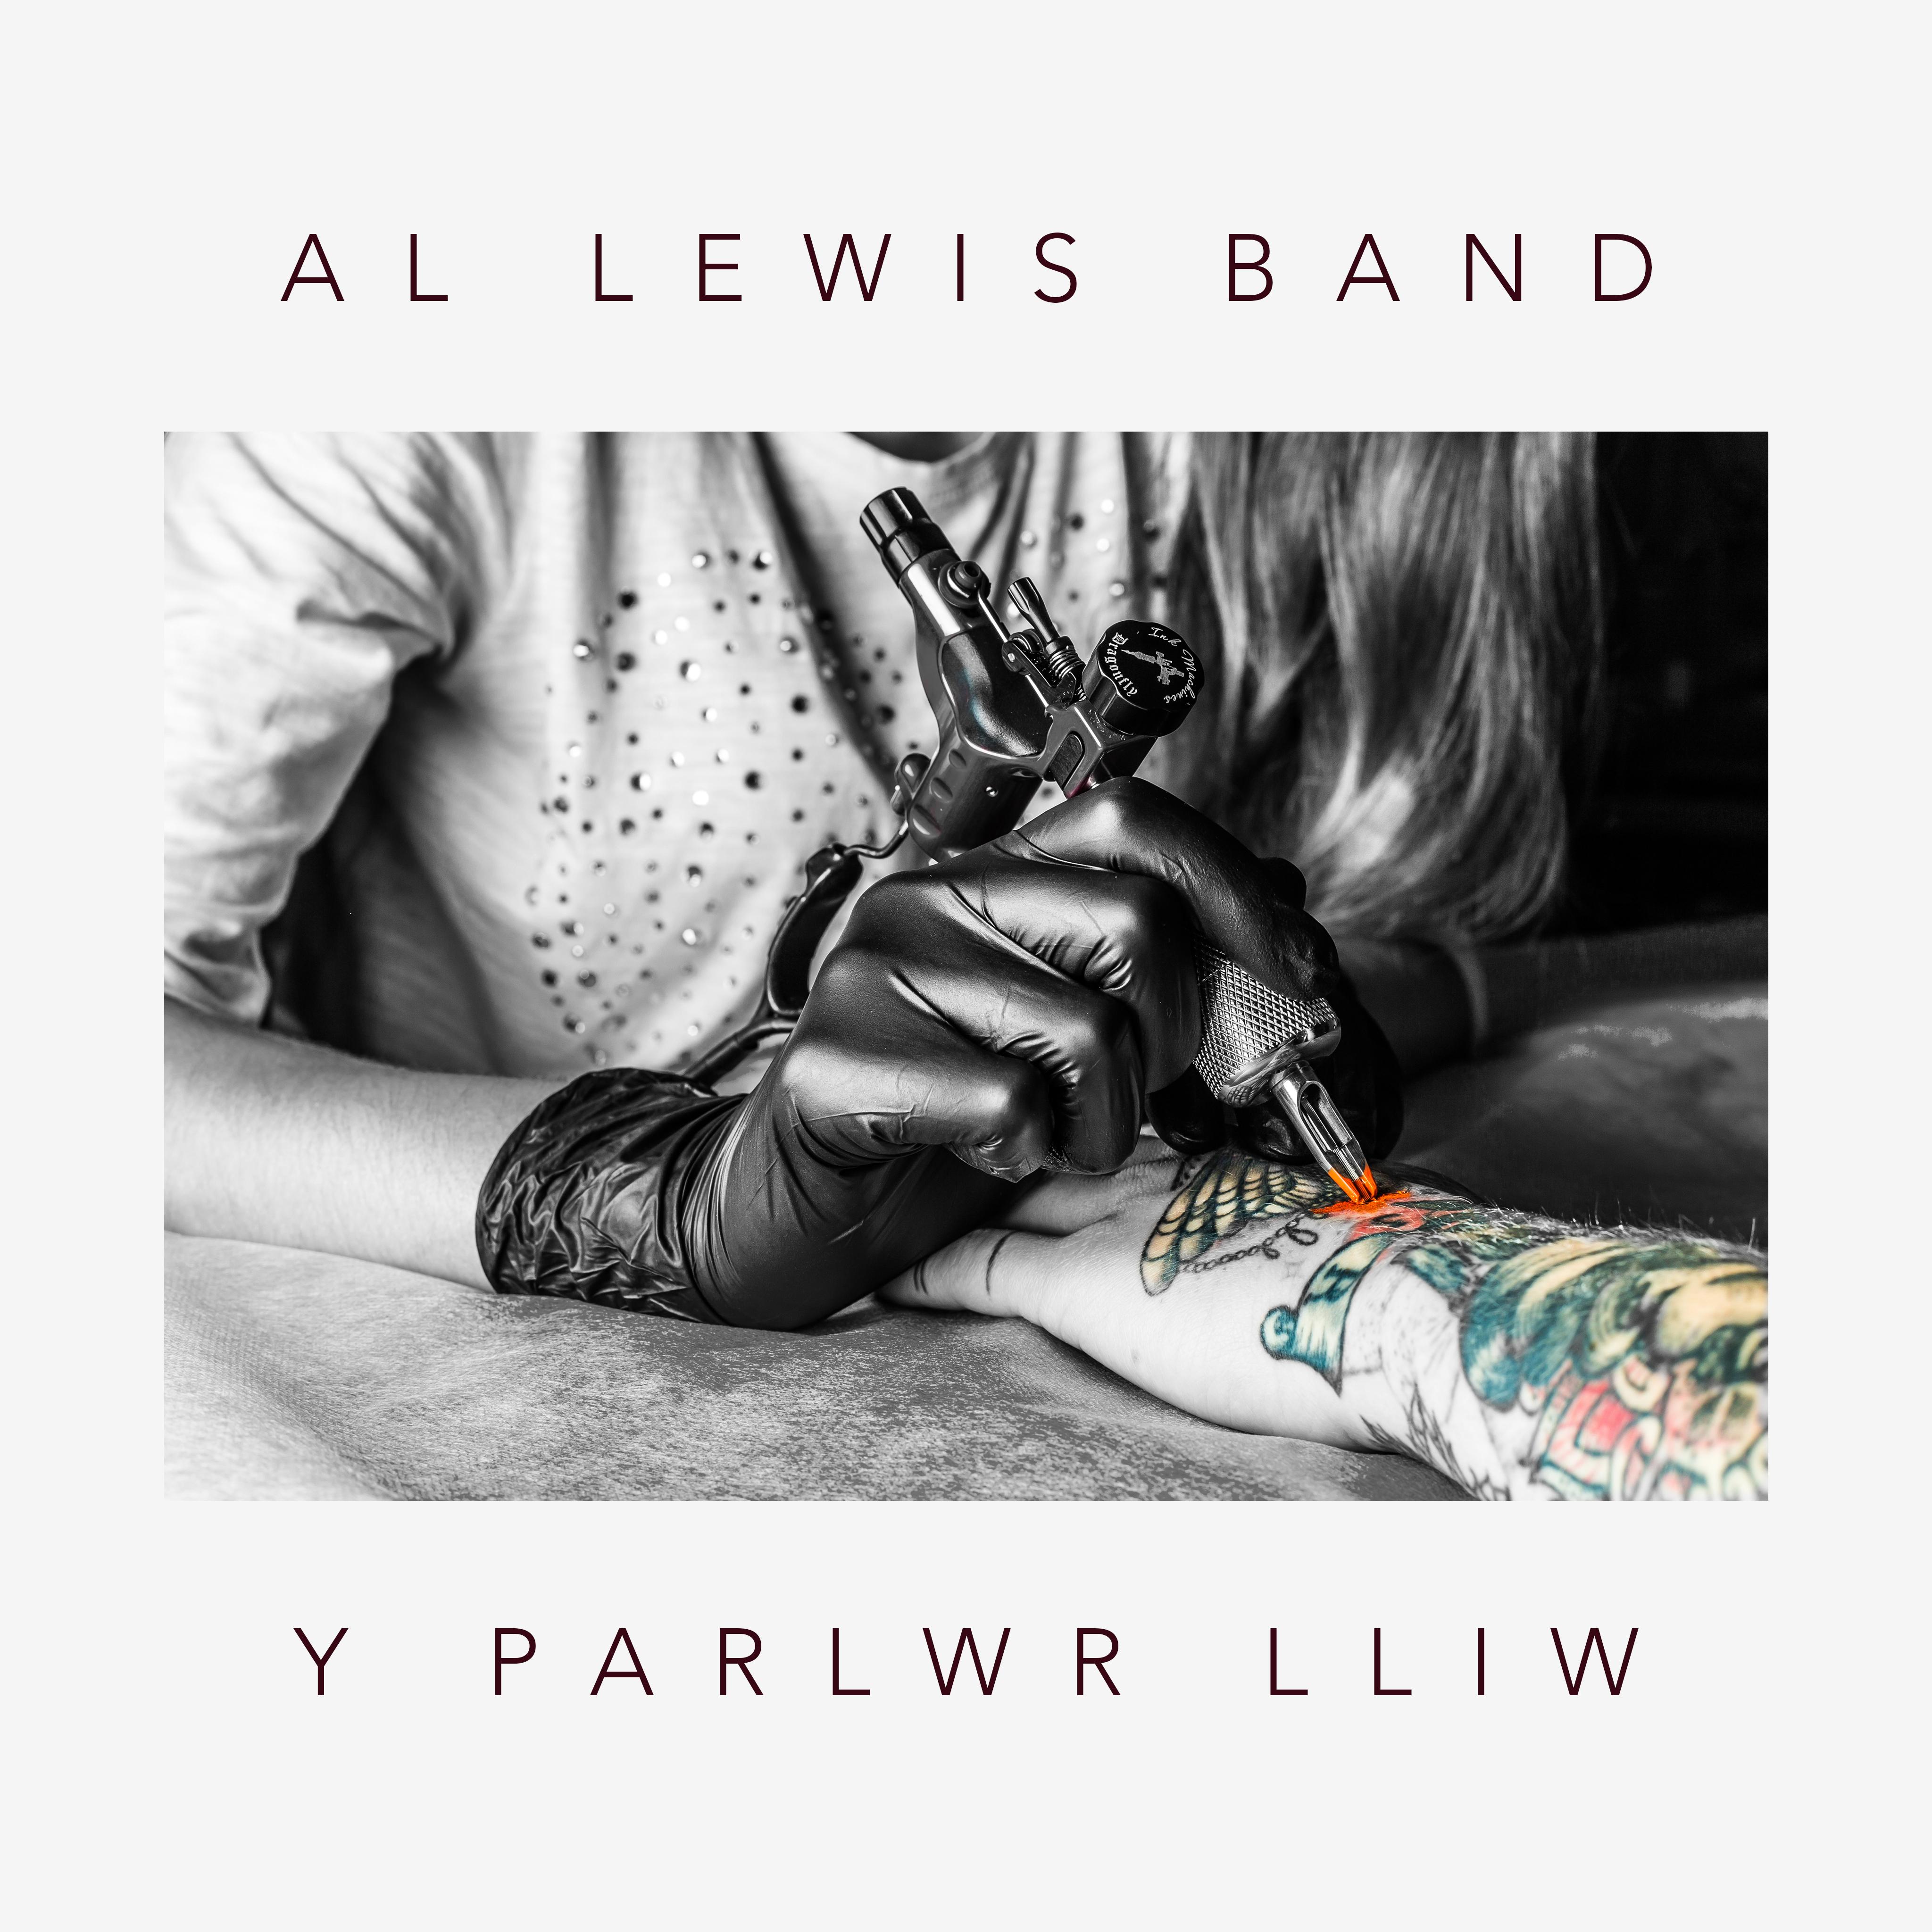 Y Parlwr Lliw